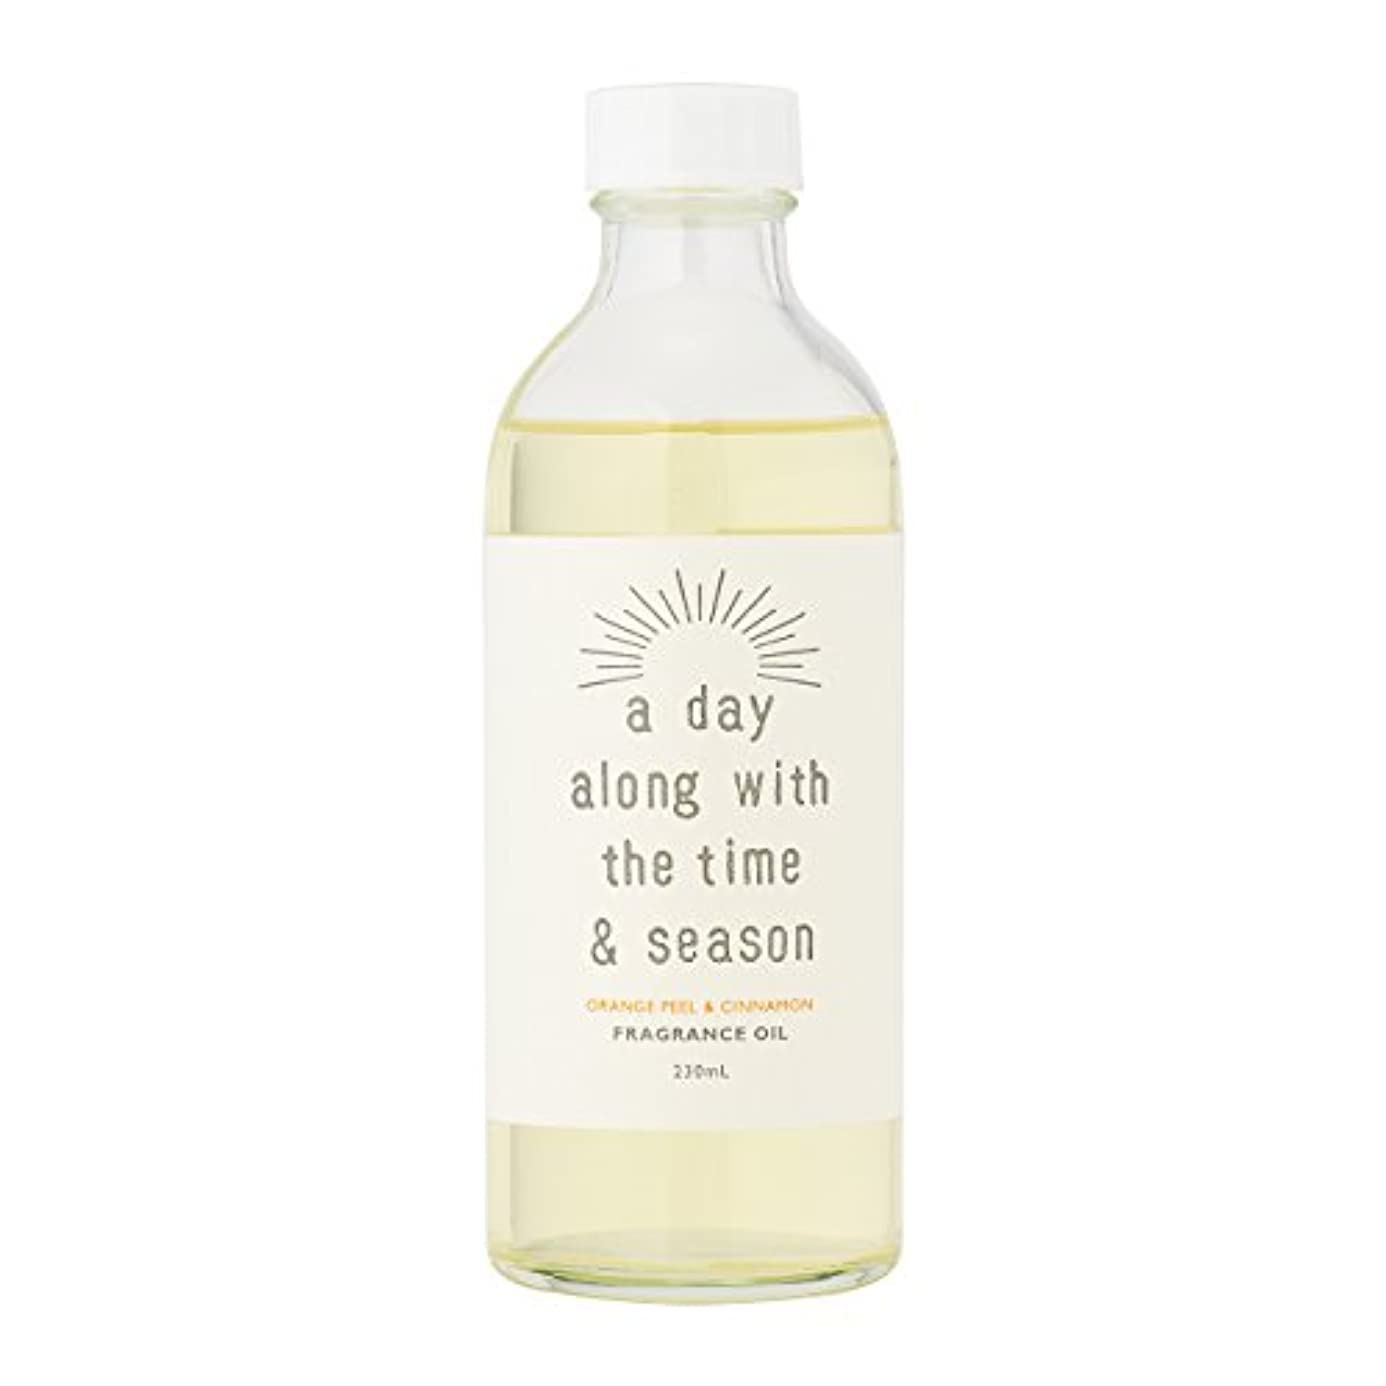 アデイ(a day) リードディフューザー リフィル オレンジピール&シナモン 230ml(芳香剤 詰め替え用 甘酸っぱくて爽やかなオレンジピールにシナモンがふわりと広がる香り)